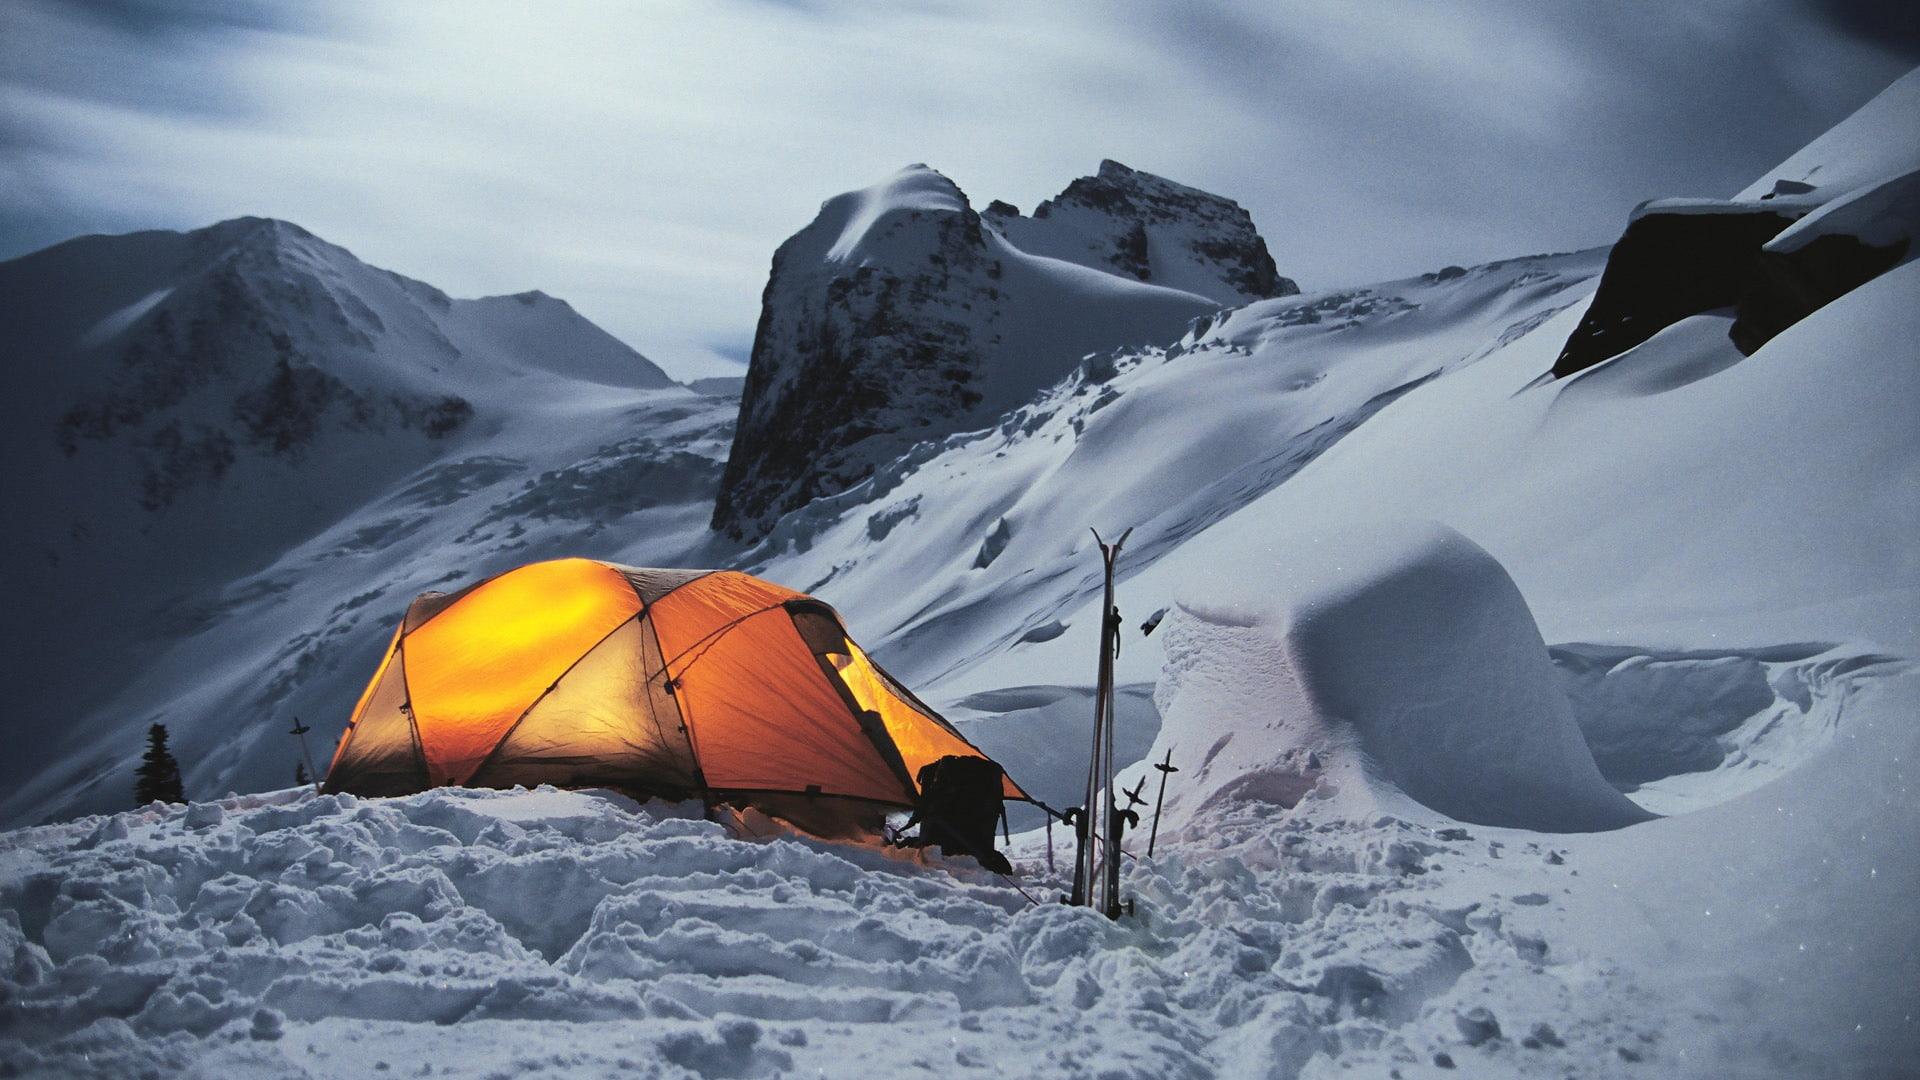 campsite images